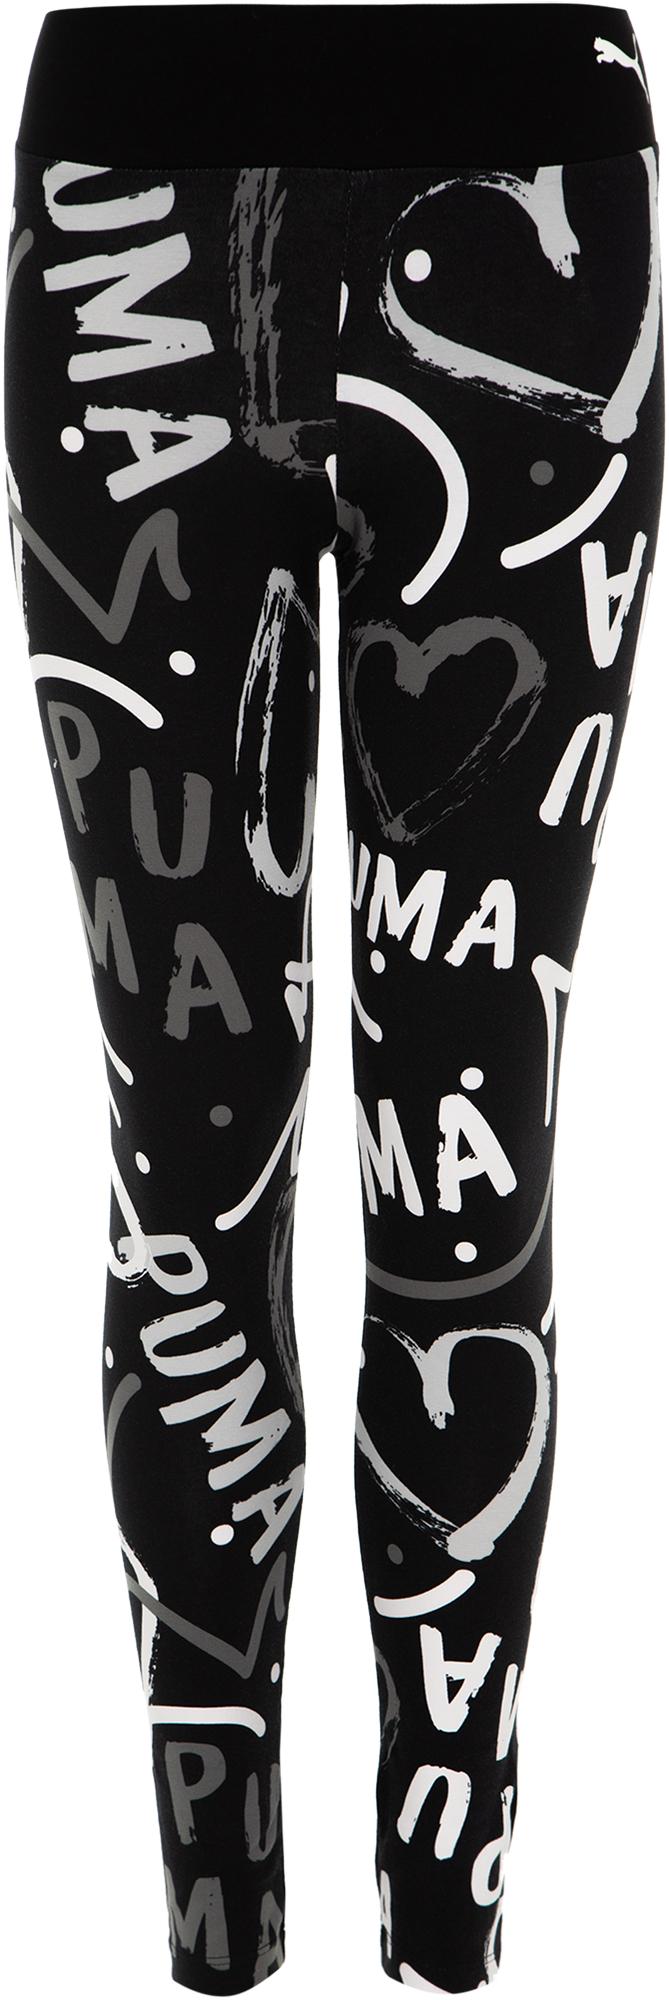 Фото - Puma Легинсы для девочек Puma Alpha AOP, размер 164 ветровка puma puma pu053ewdzss9